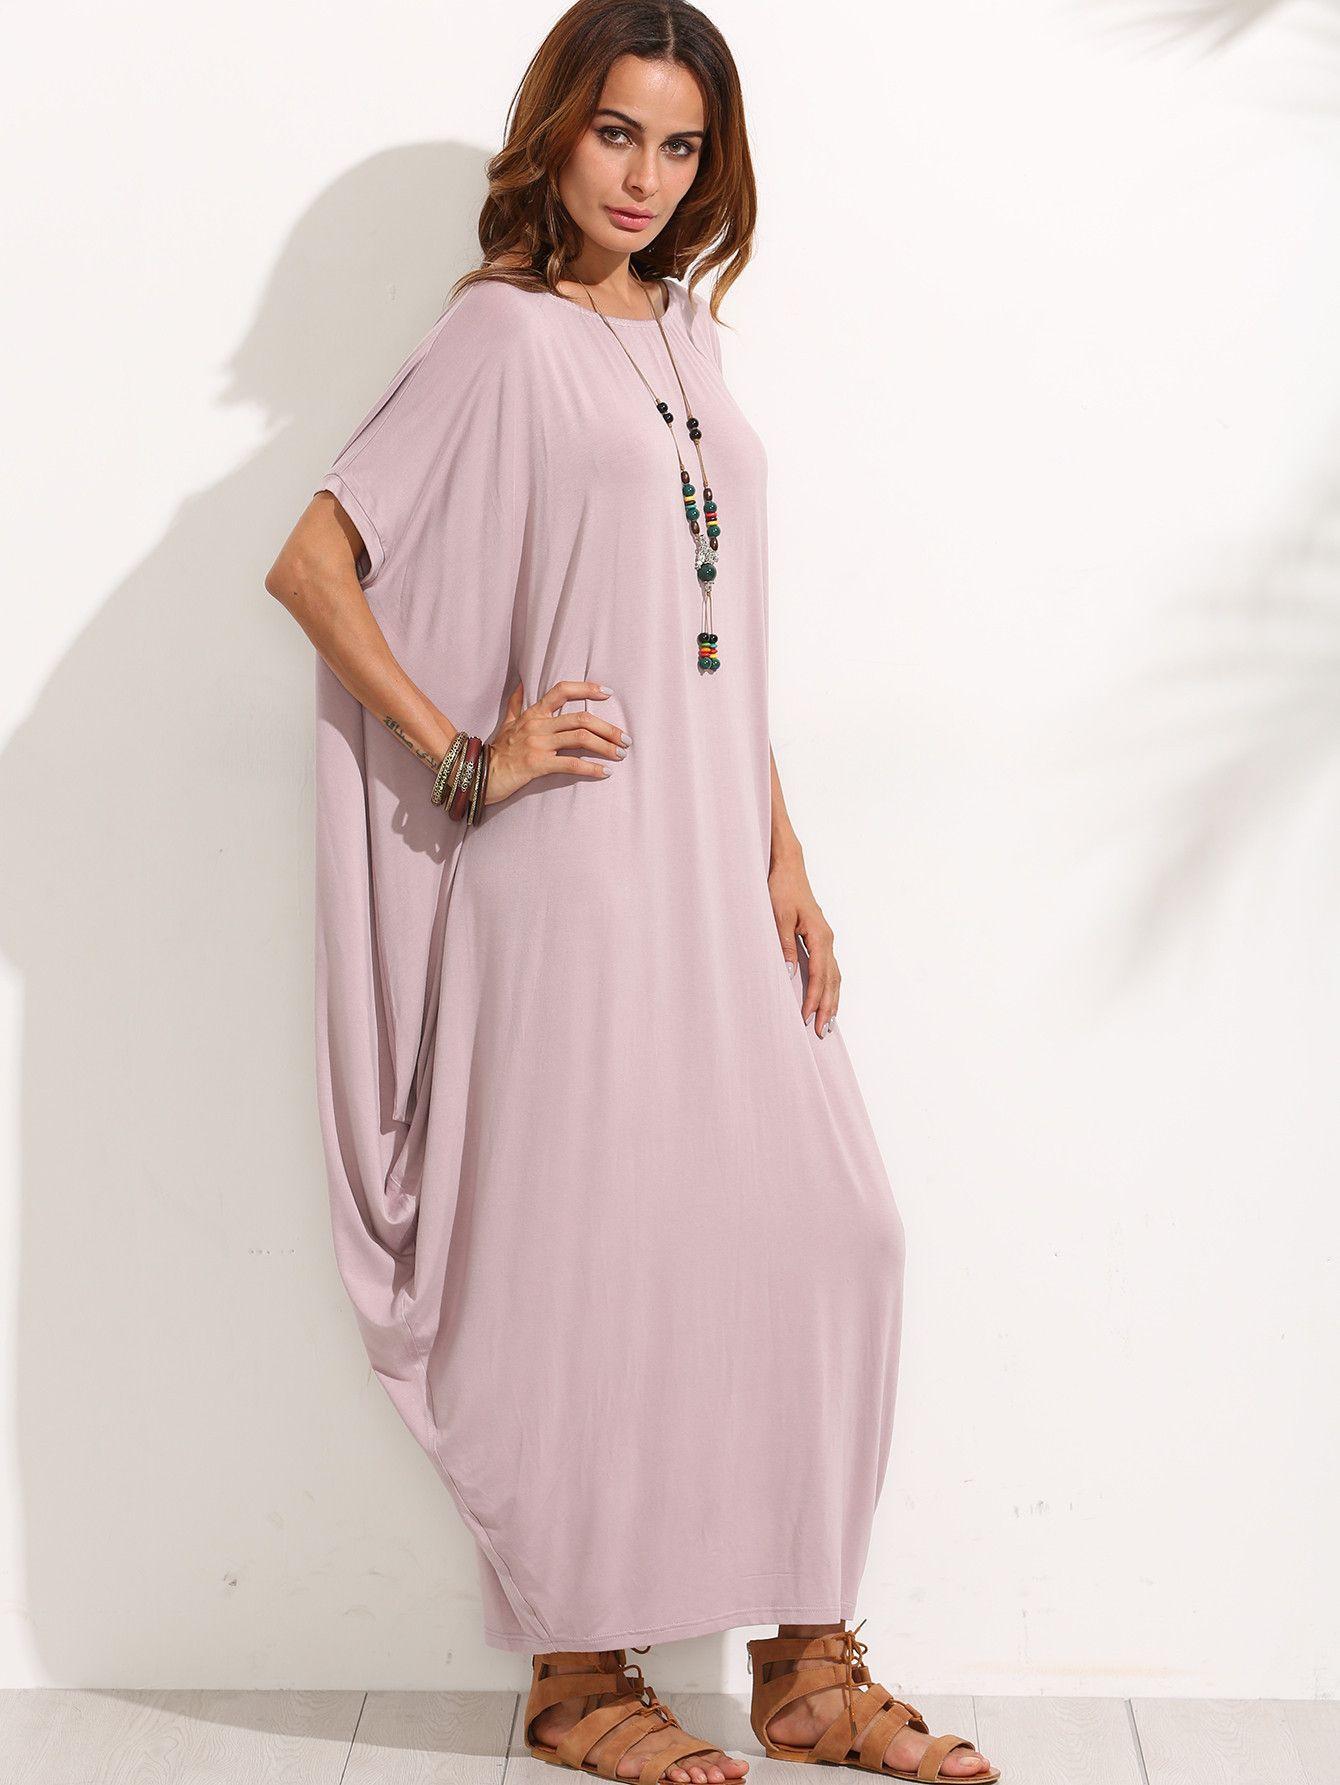 Pink n purple dress  Purple Boat Neck Dolman Sleeve Long Dress  Loose n lovely